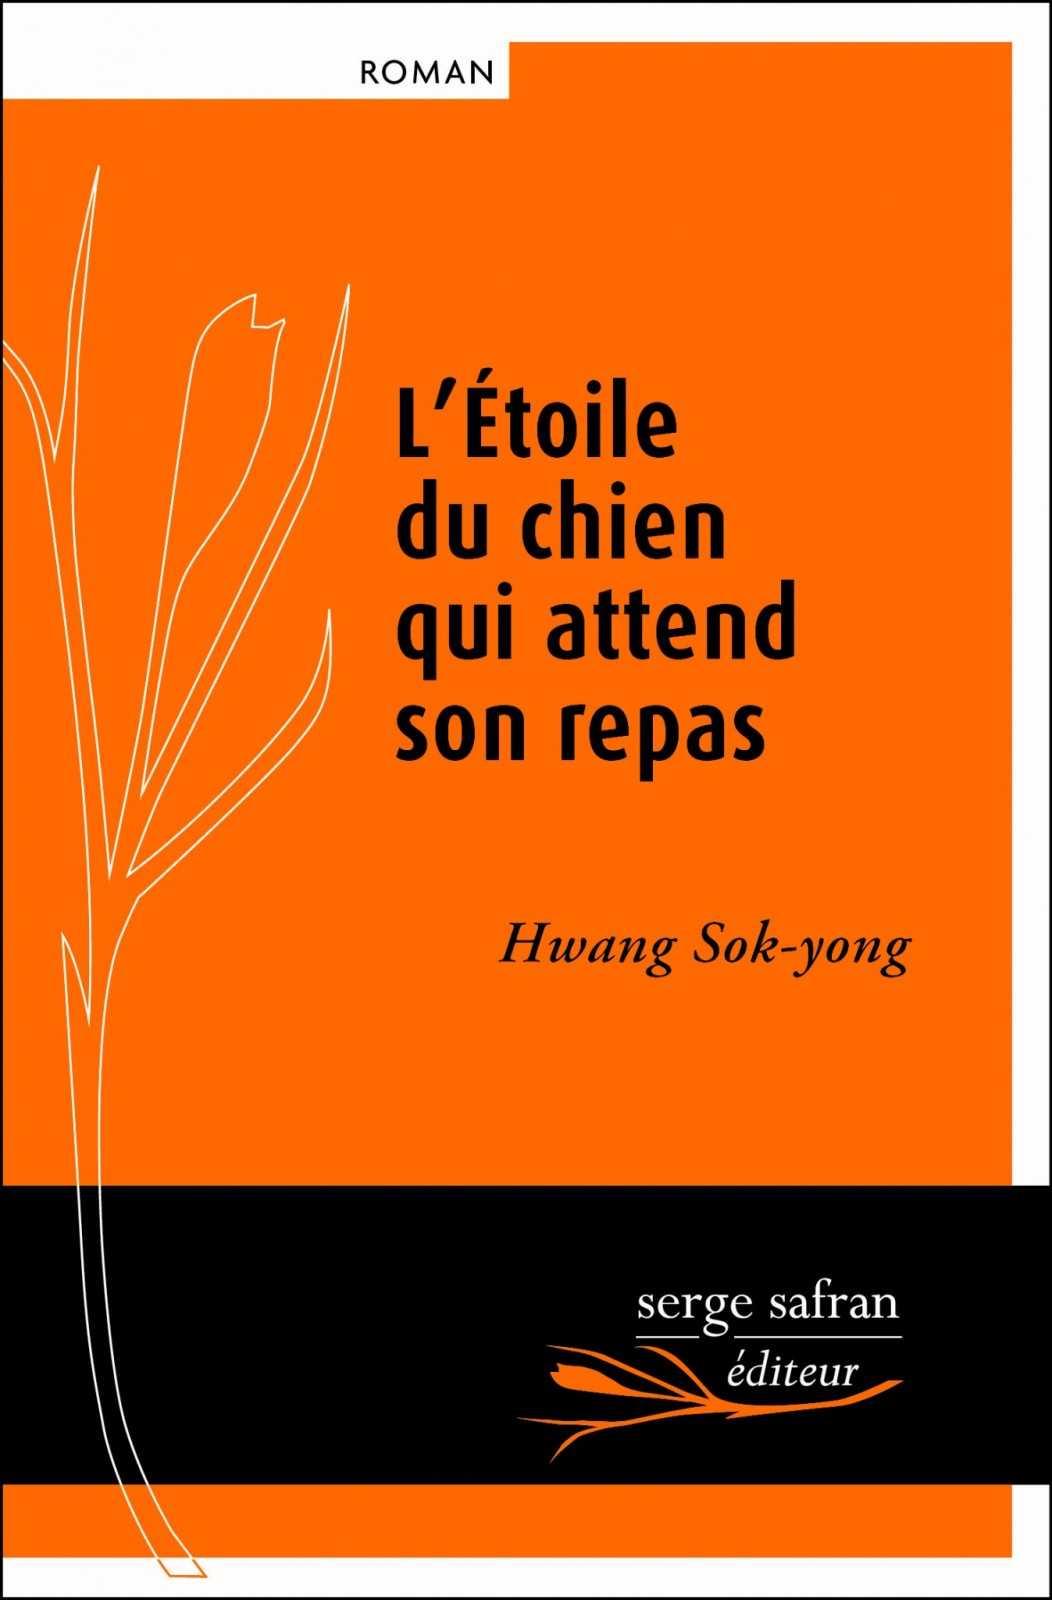 couv Hwang Sok-yong + filet